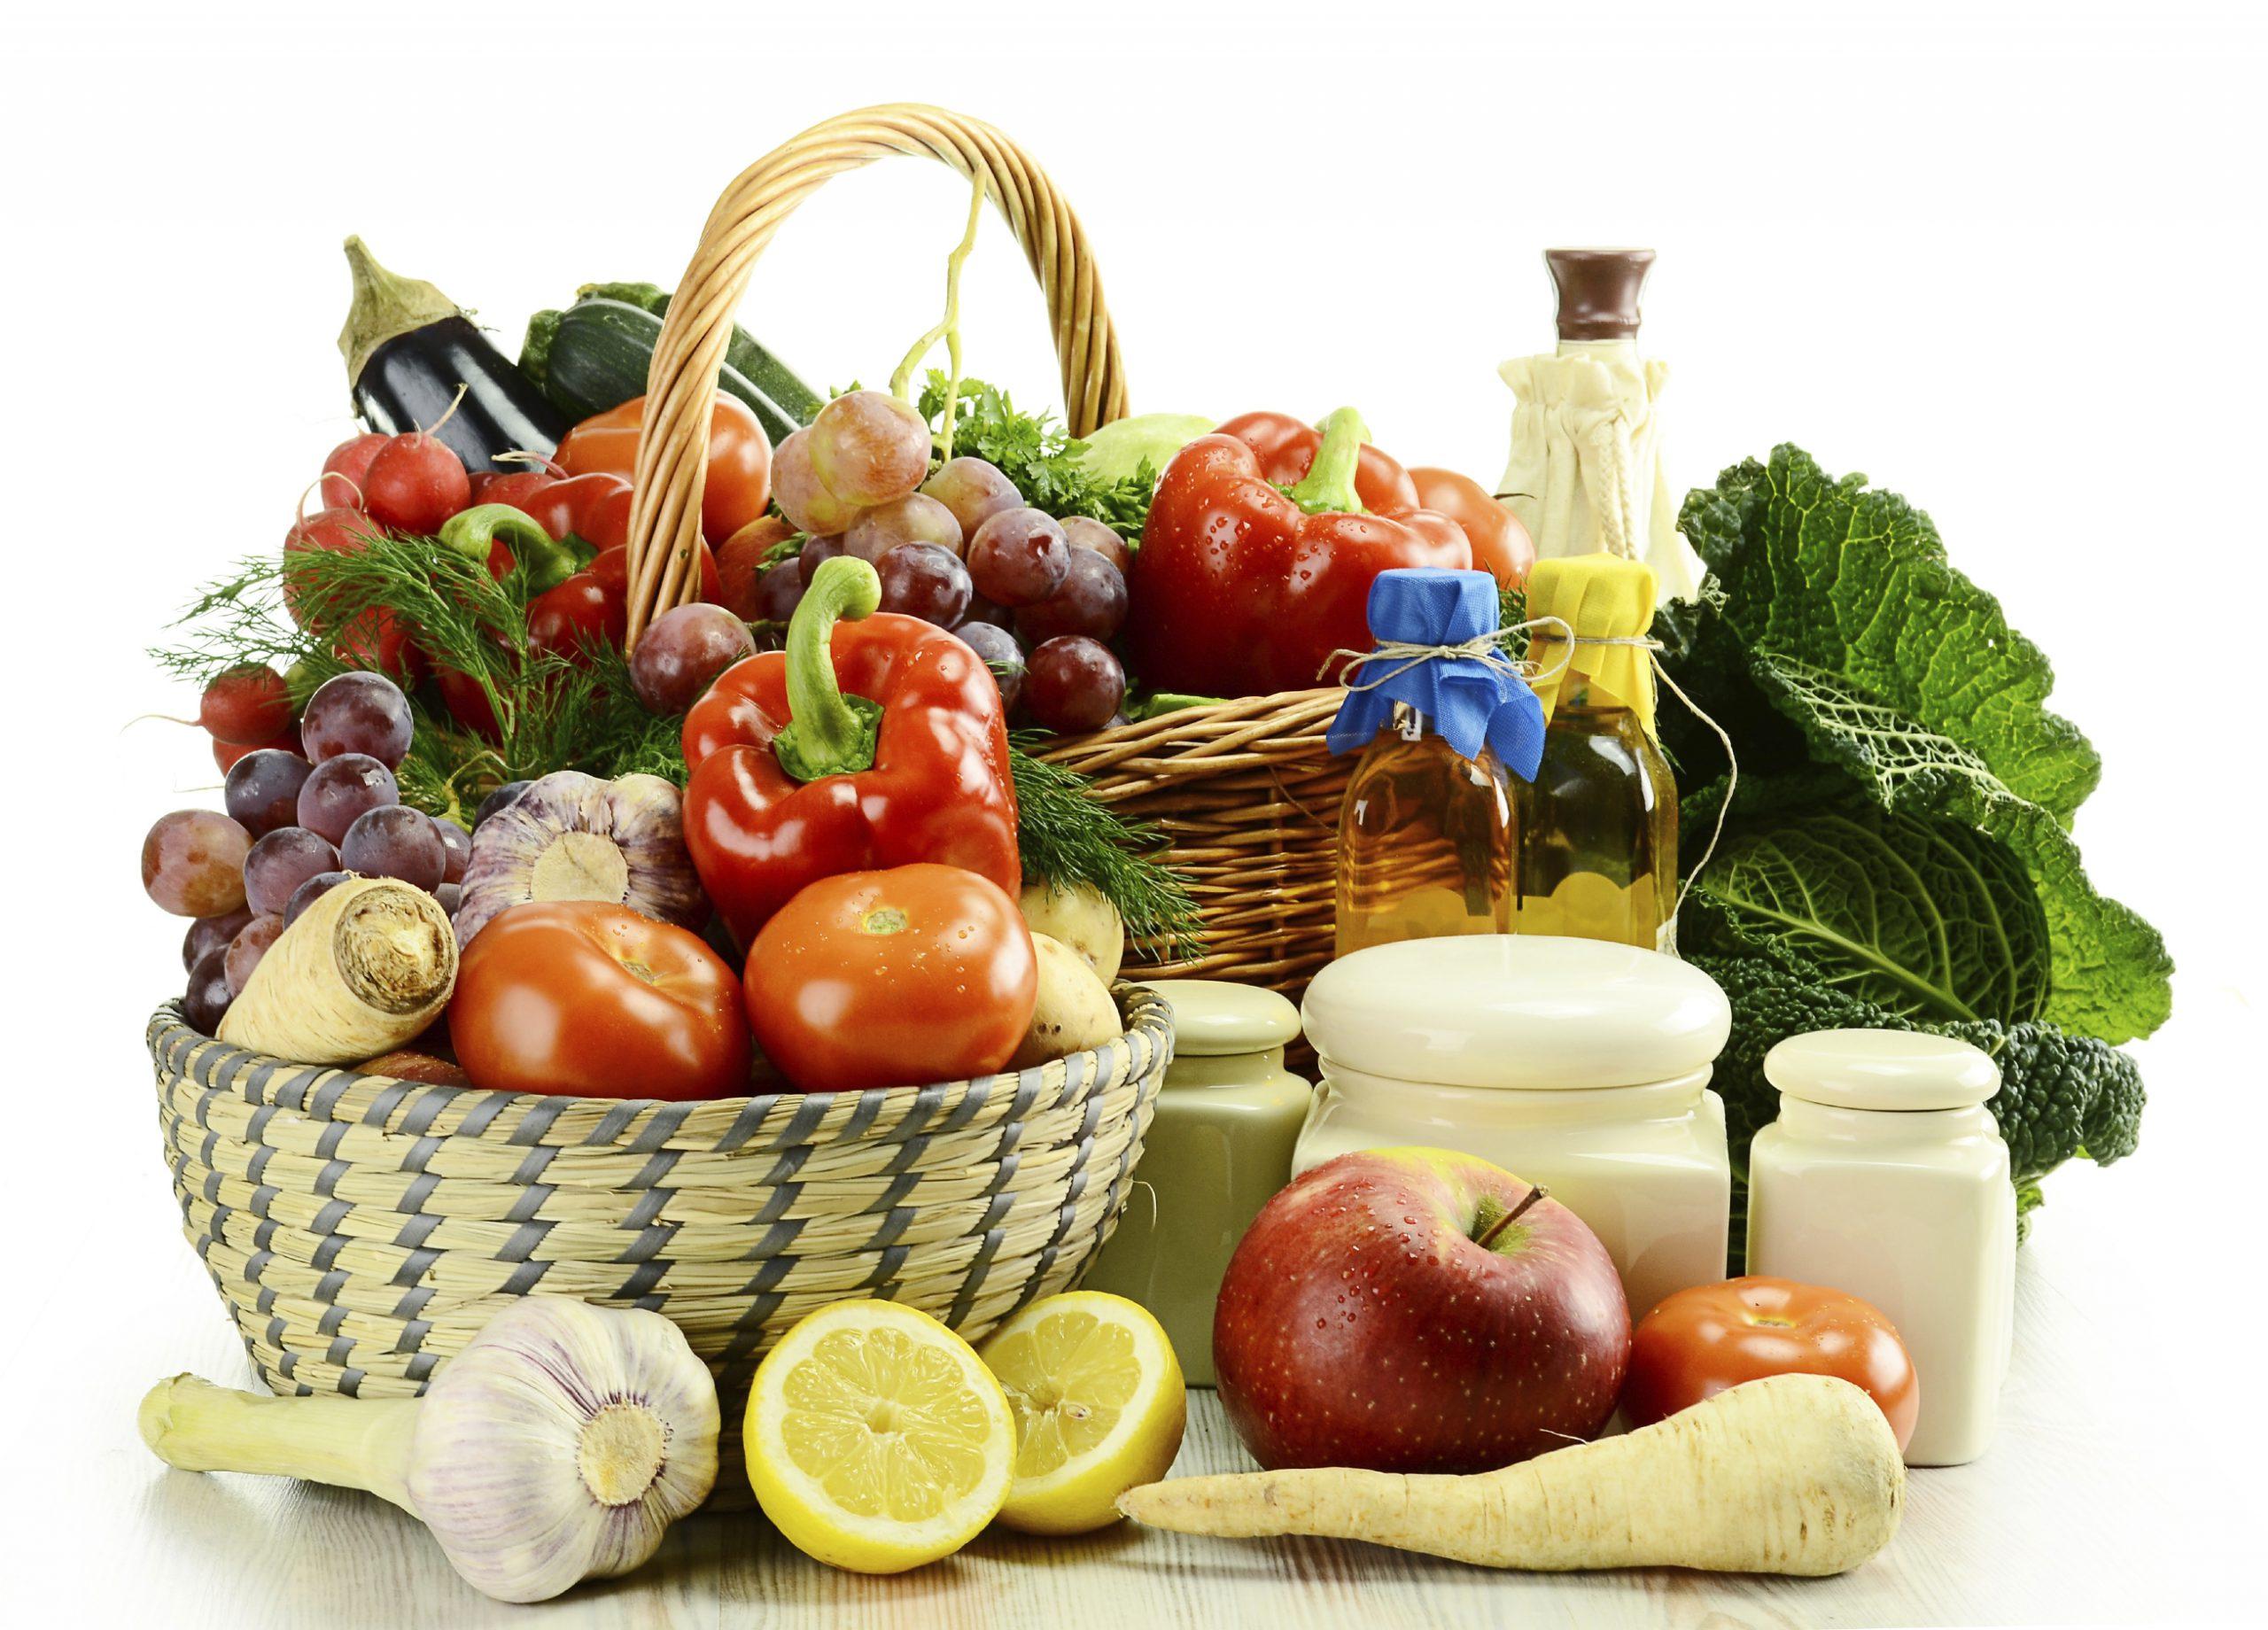 Jaki będzie rok 2019 na rynku artykułów rolno-spożywczych?